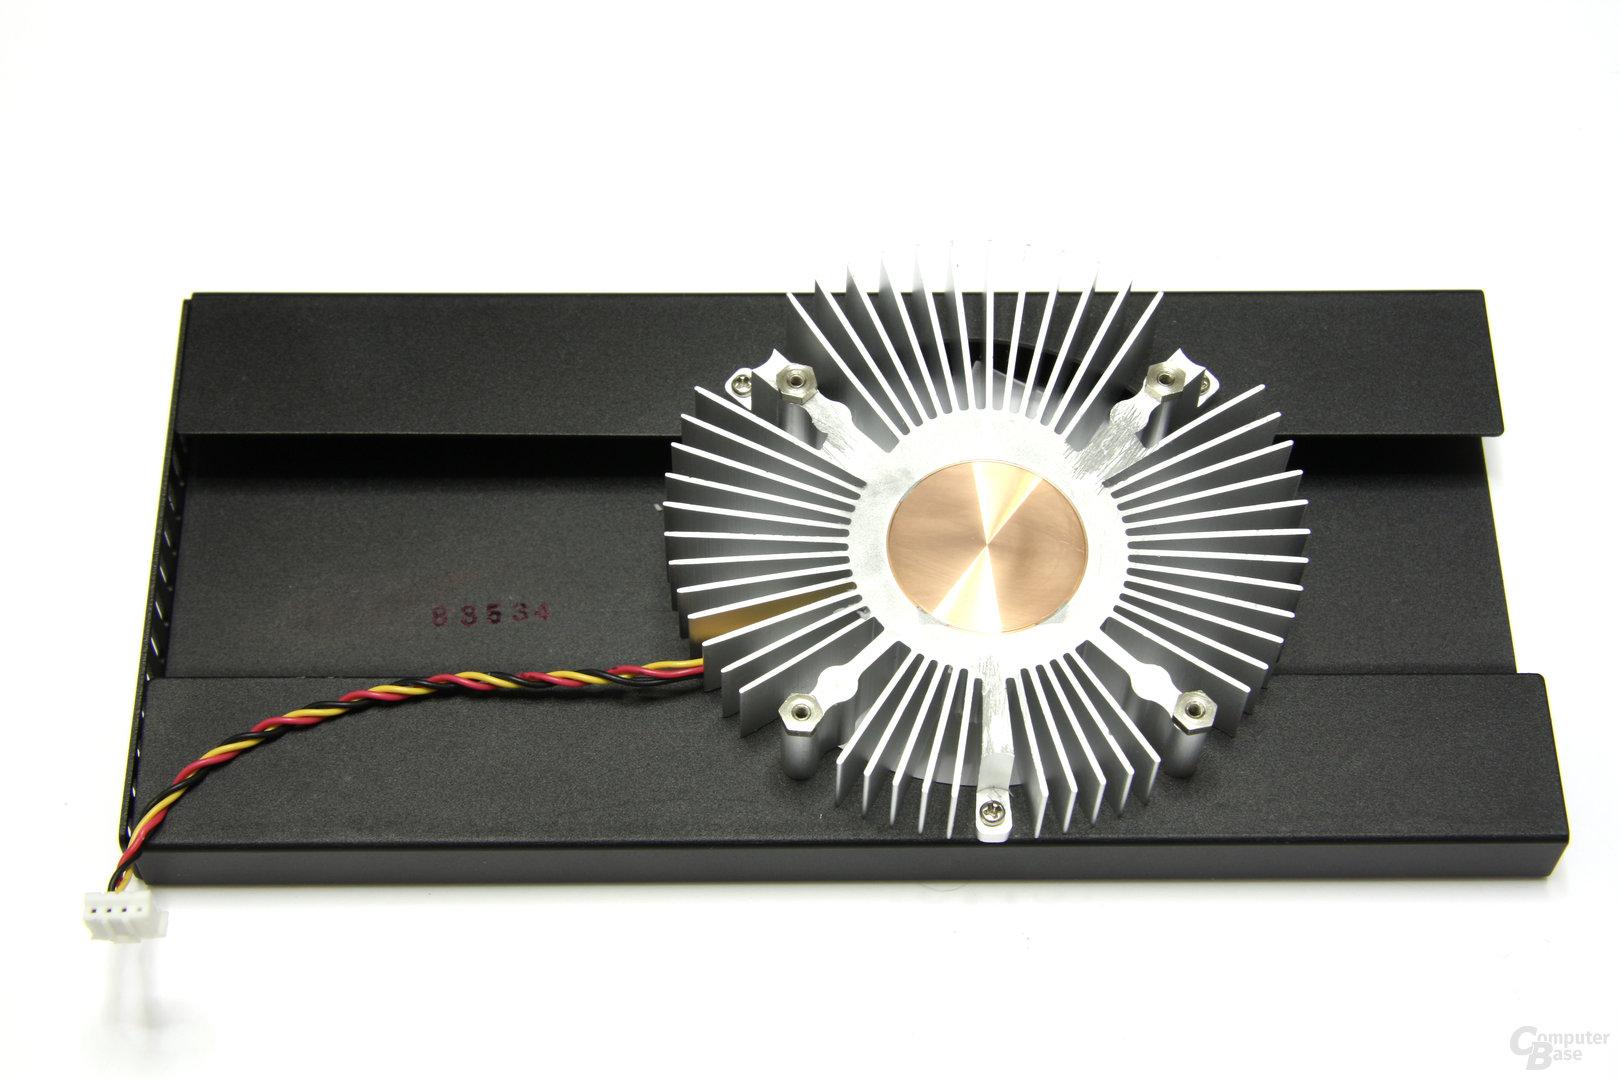 Radeon HD 4850 OC Kühlerrückseite